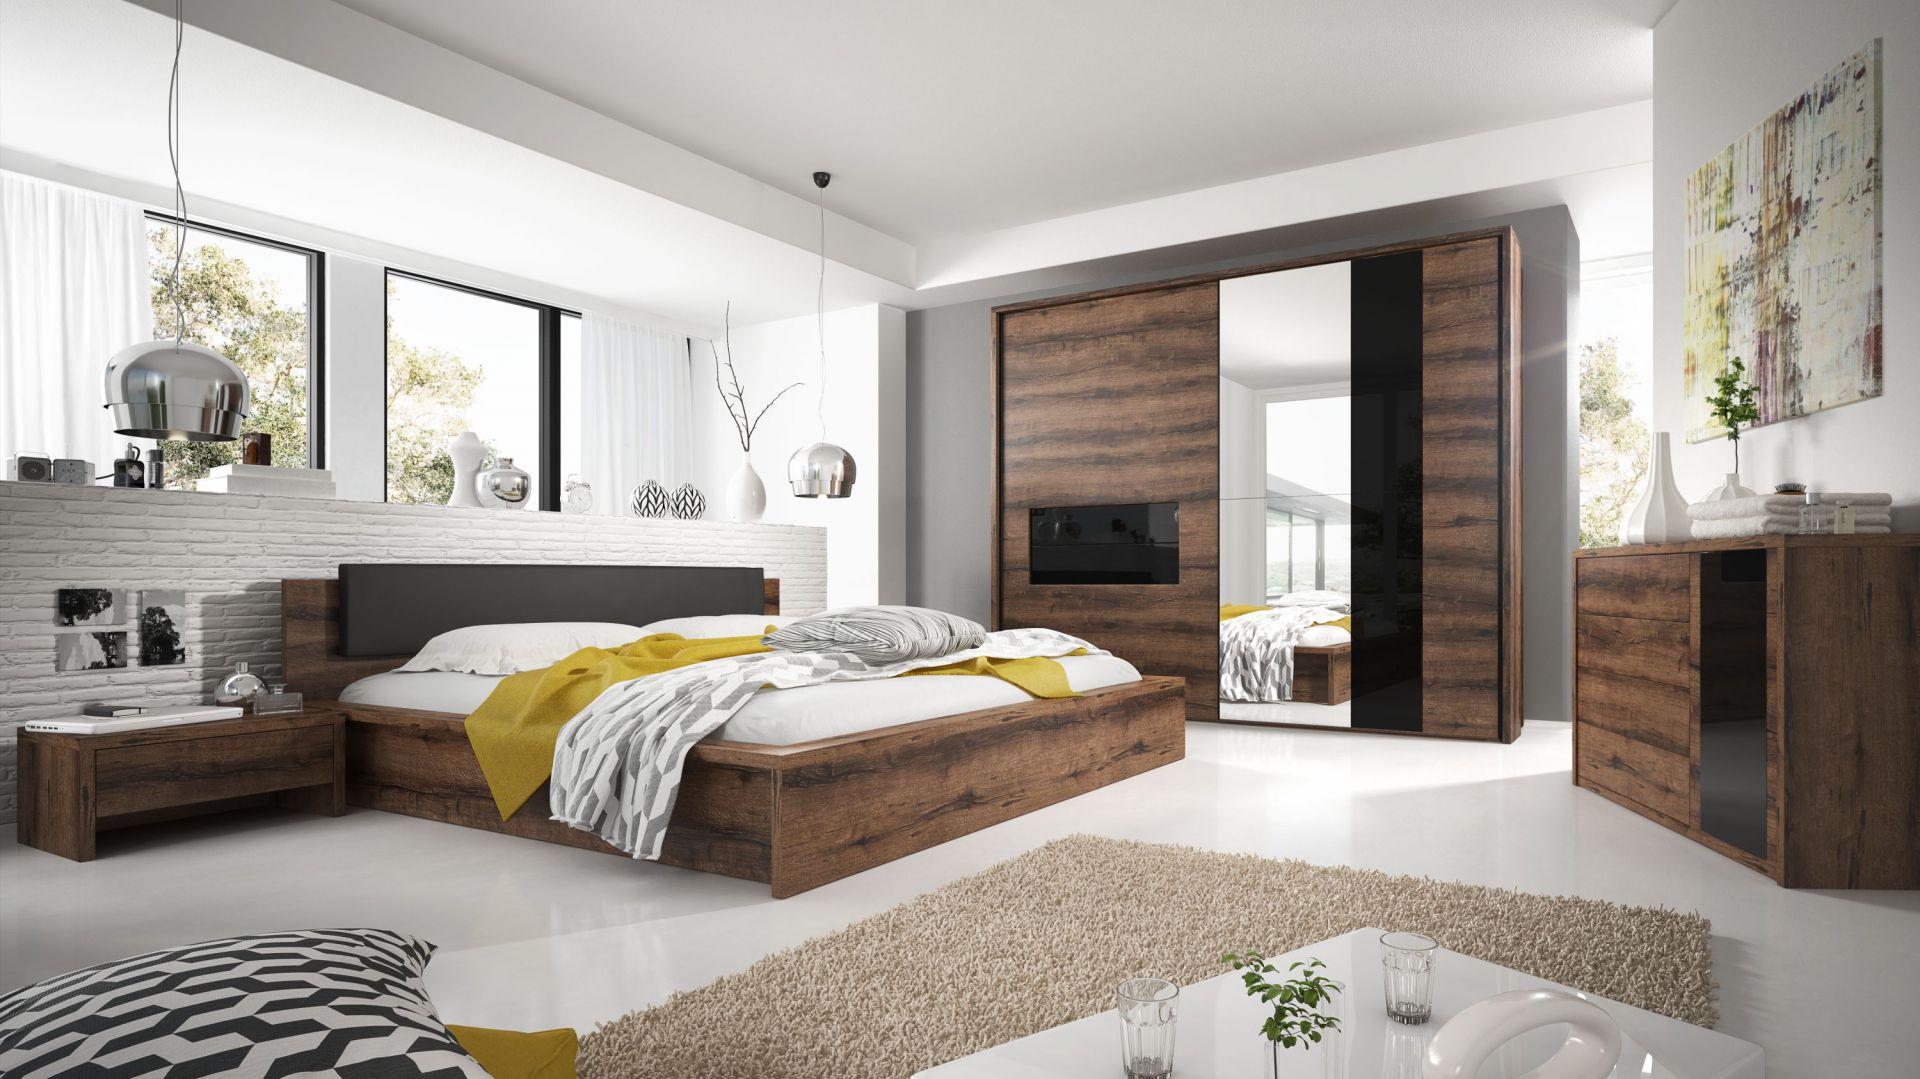 Indira to sypialnia charakteryzująca się bardzo funkcjonalnymi rozwiązaniami. W modelu tym dostępna jest bardzo przestronna szafa przesuwna o długości całkowitej 258 cm oraz łóżka z opcją pojemnika. Fot. Helvetia-Wieruszów